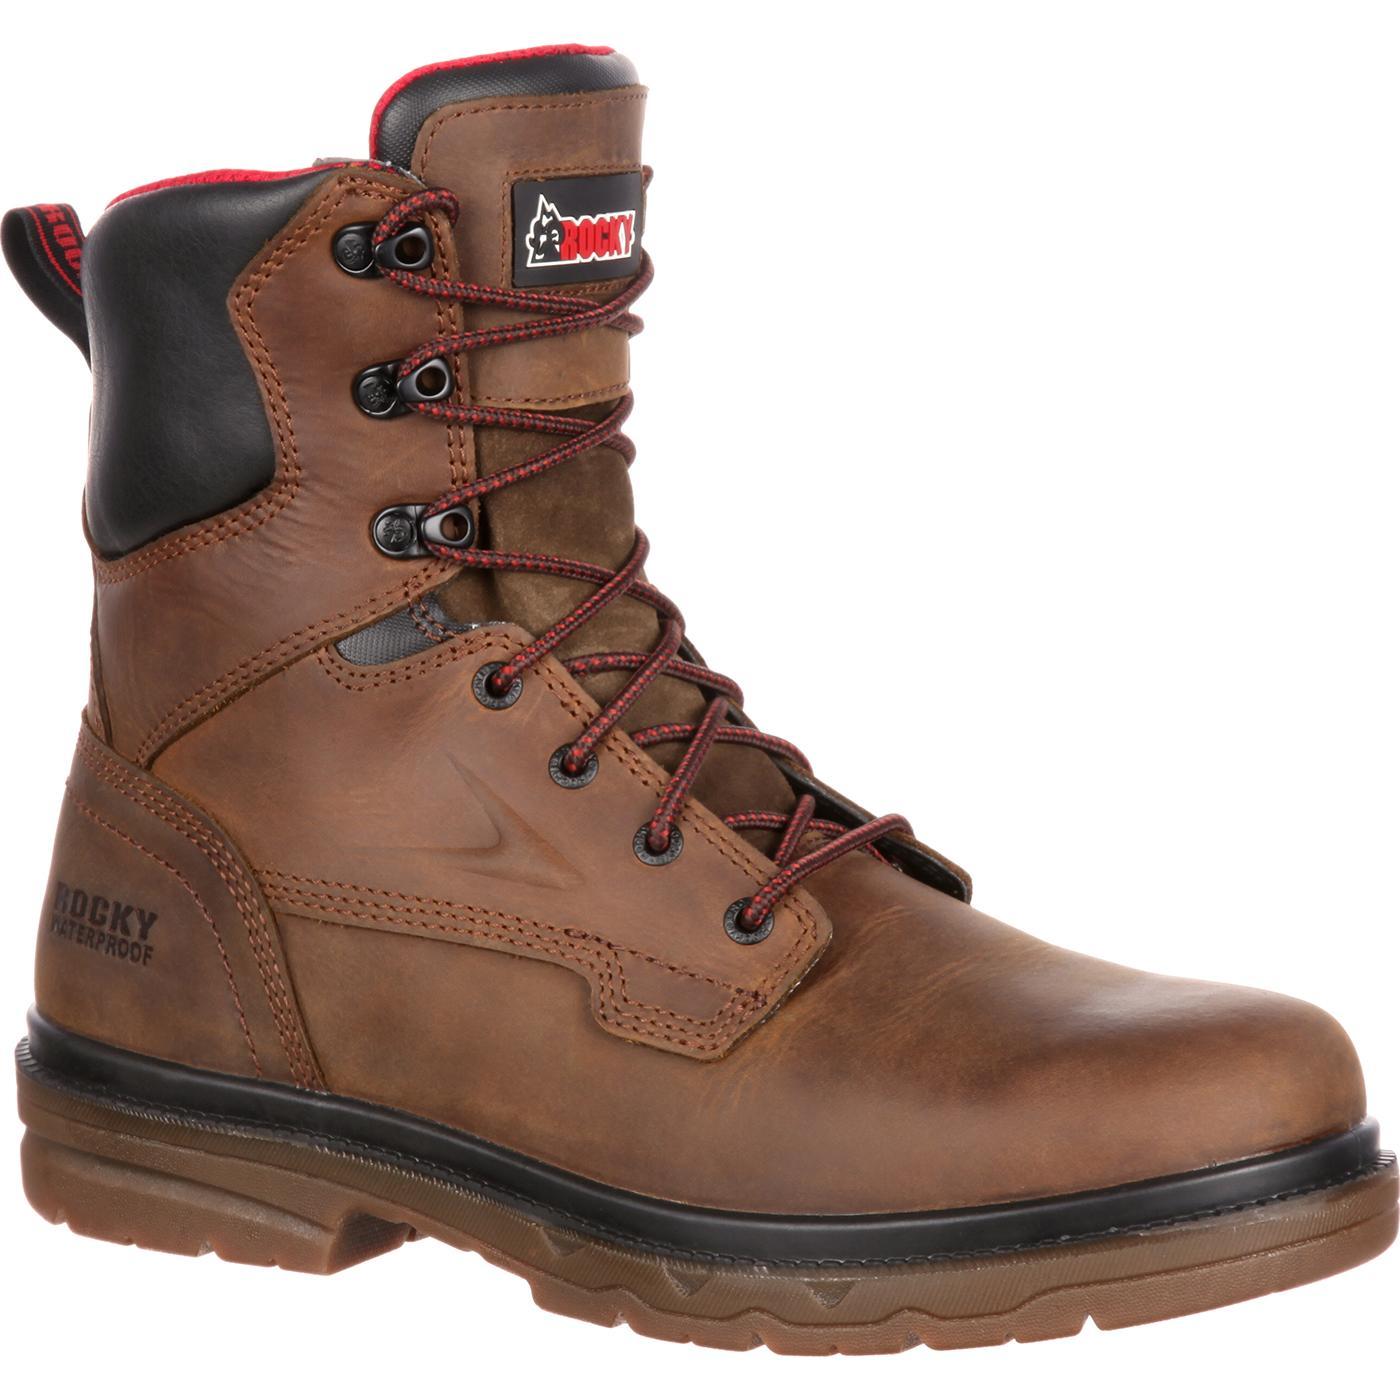 c7a8d2a134c Rocky Elements Shale Steel Toe Waterproof Work Boot